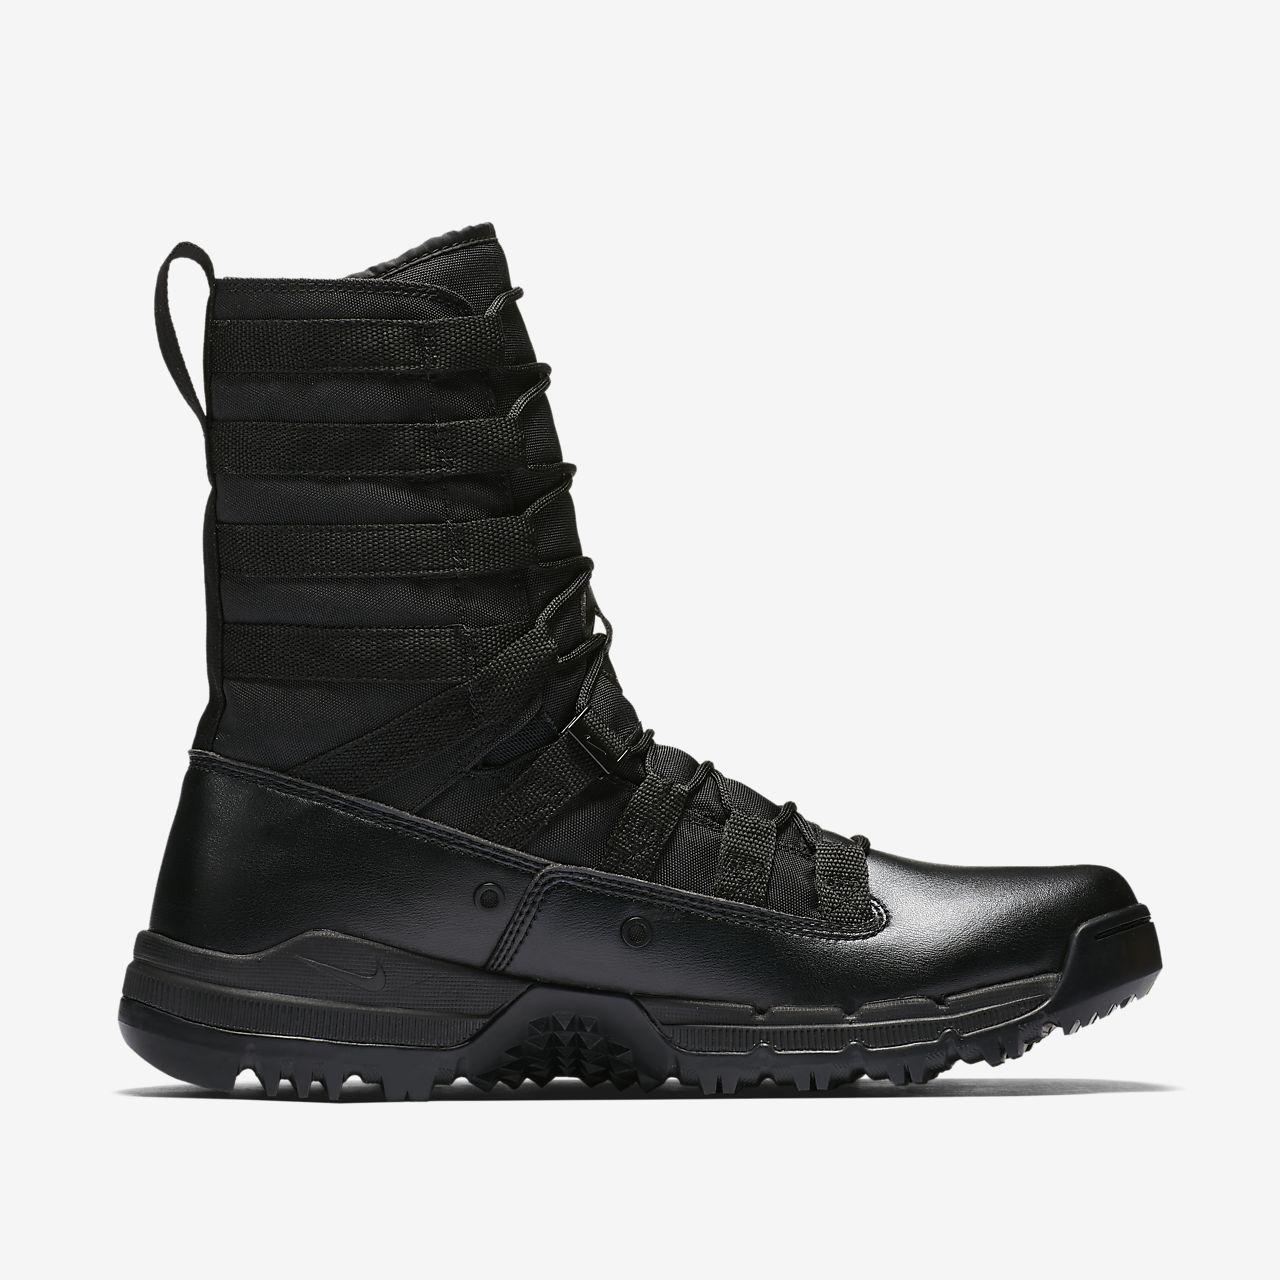 Nike SFB Gen 2 20.5cm (approx.) Men's Unisex Boots Black jS6579Z